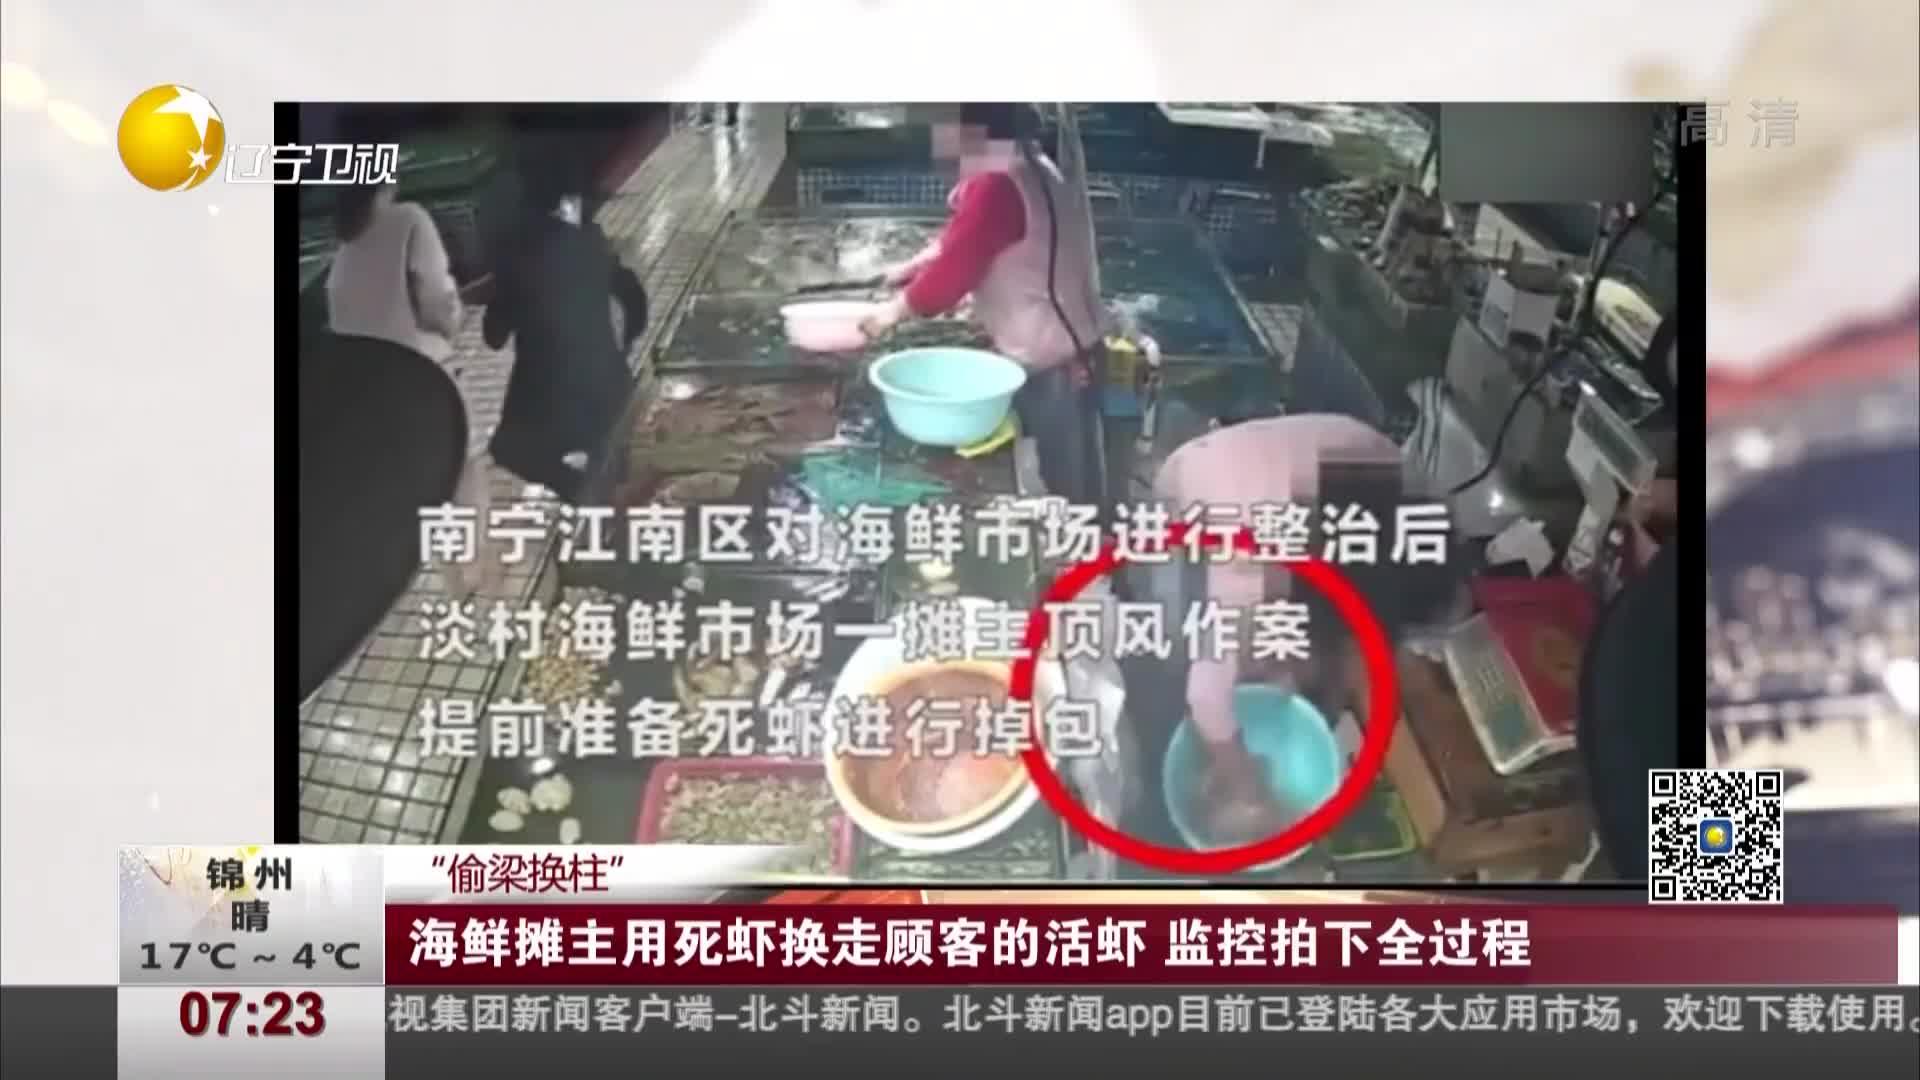 [视频]海鲜摊主用死虾换走顾客的活虾 监控拍下全过程